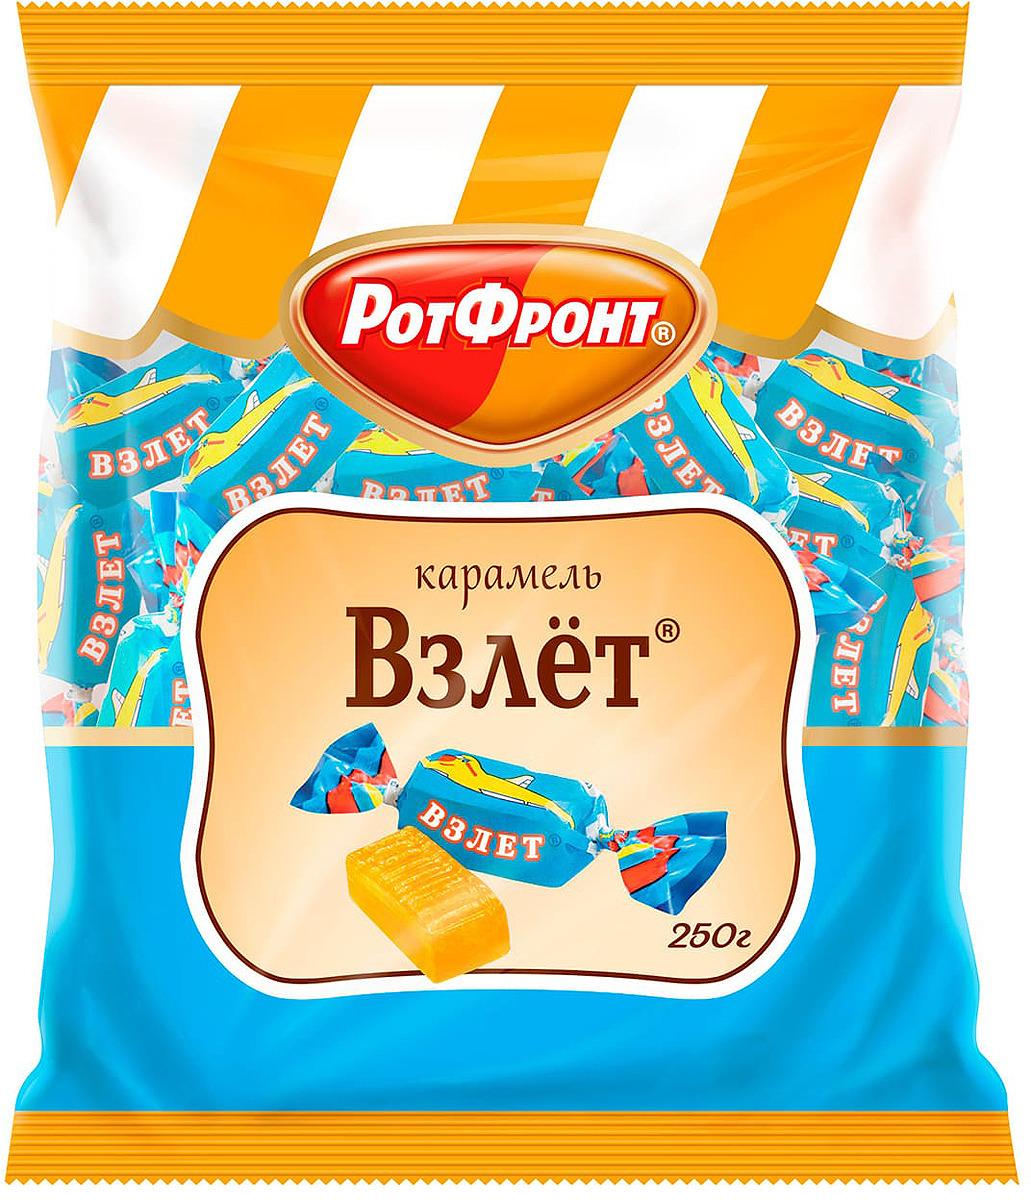 Карамель Бабаевский Взлет, 250 г карамель бон пари дыня арбуз 75 г